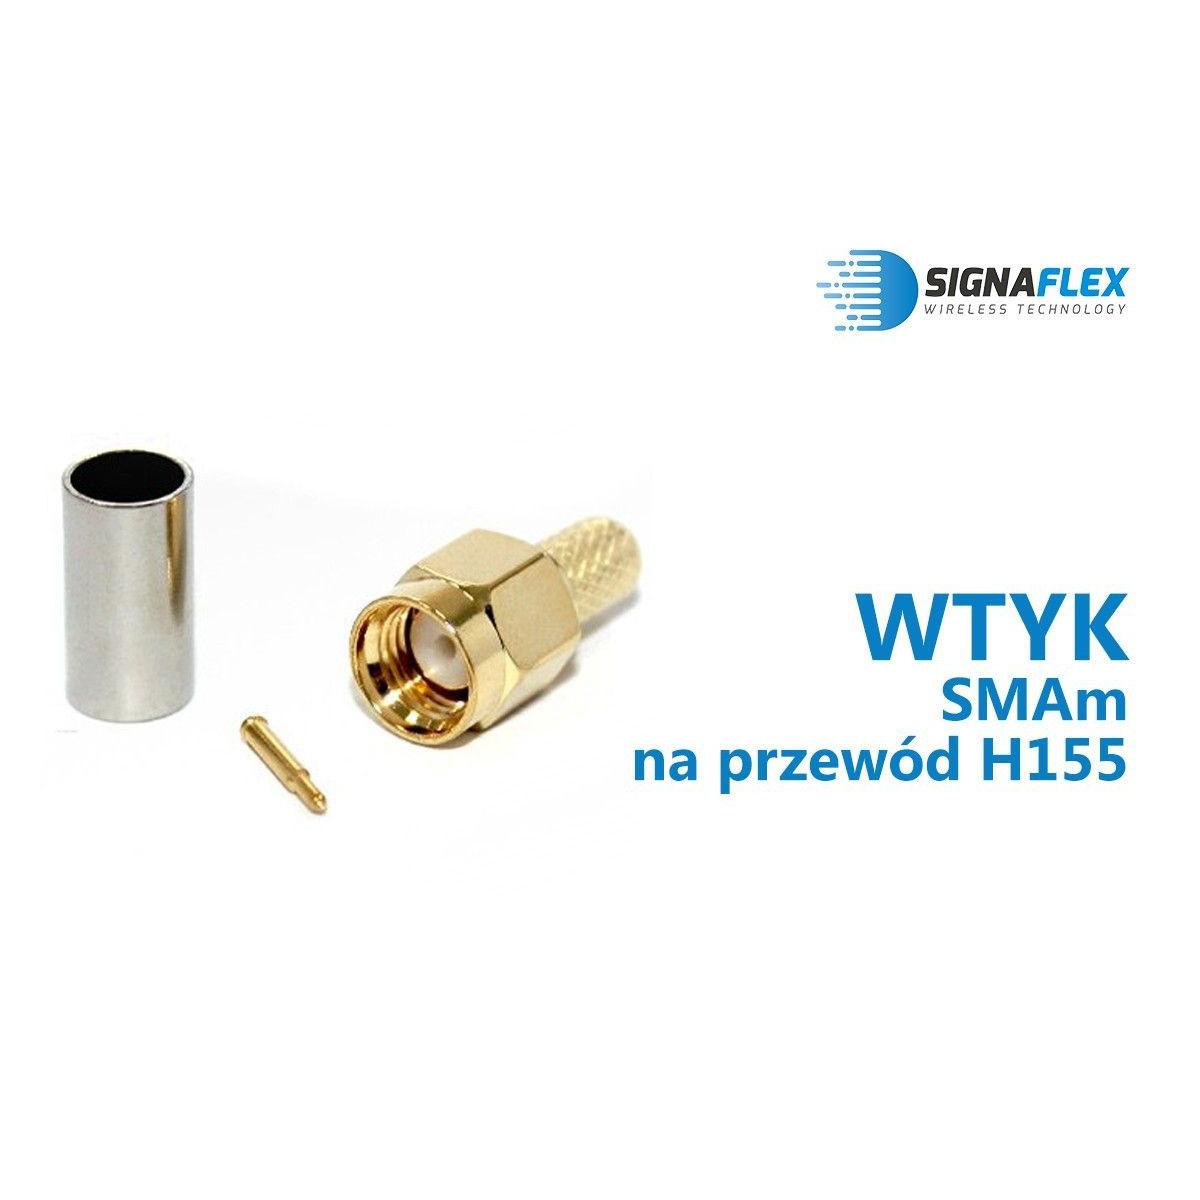 Wtyk SMAm na przewód H155/LMR240